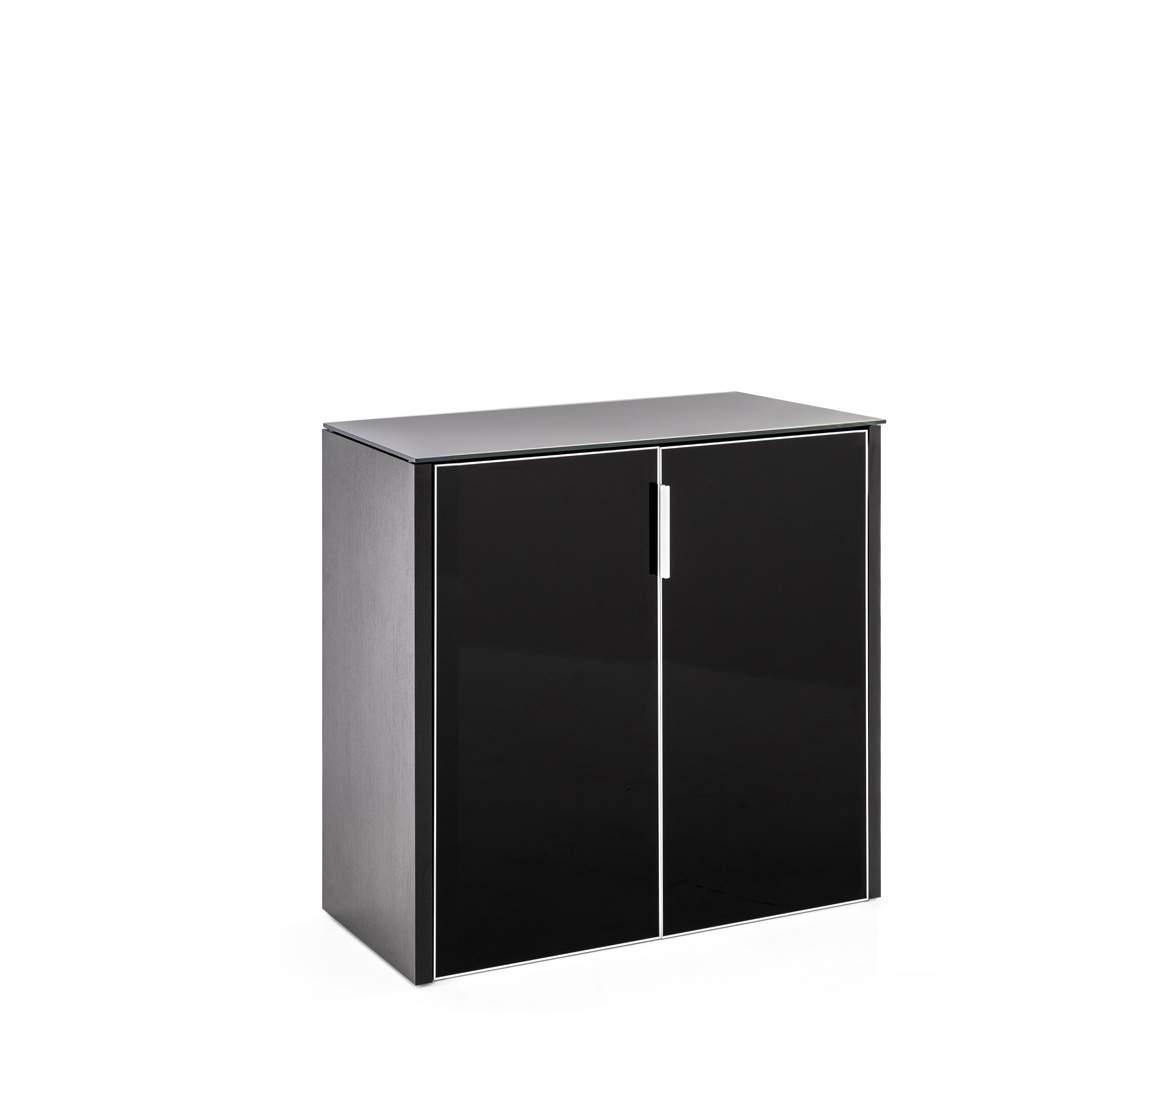 Шкаф низкий 2 двери 966x452x882